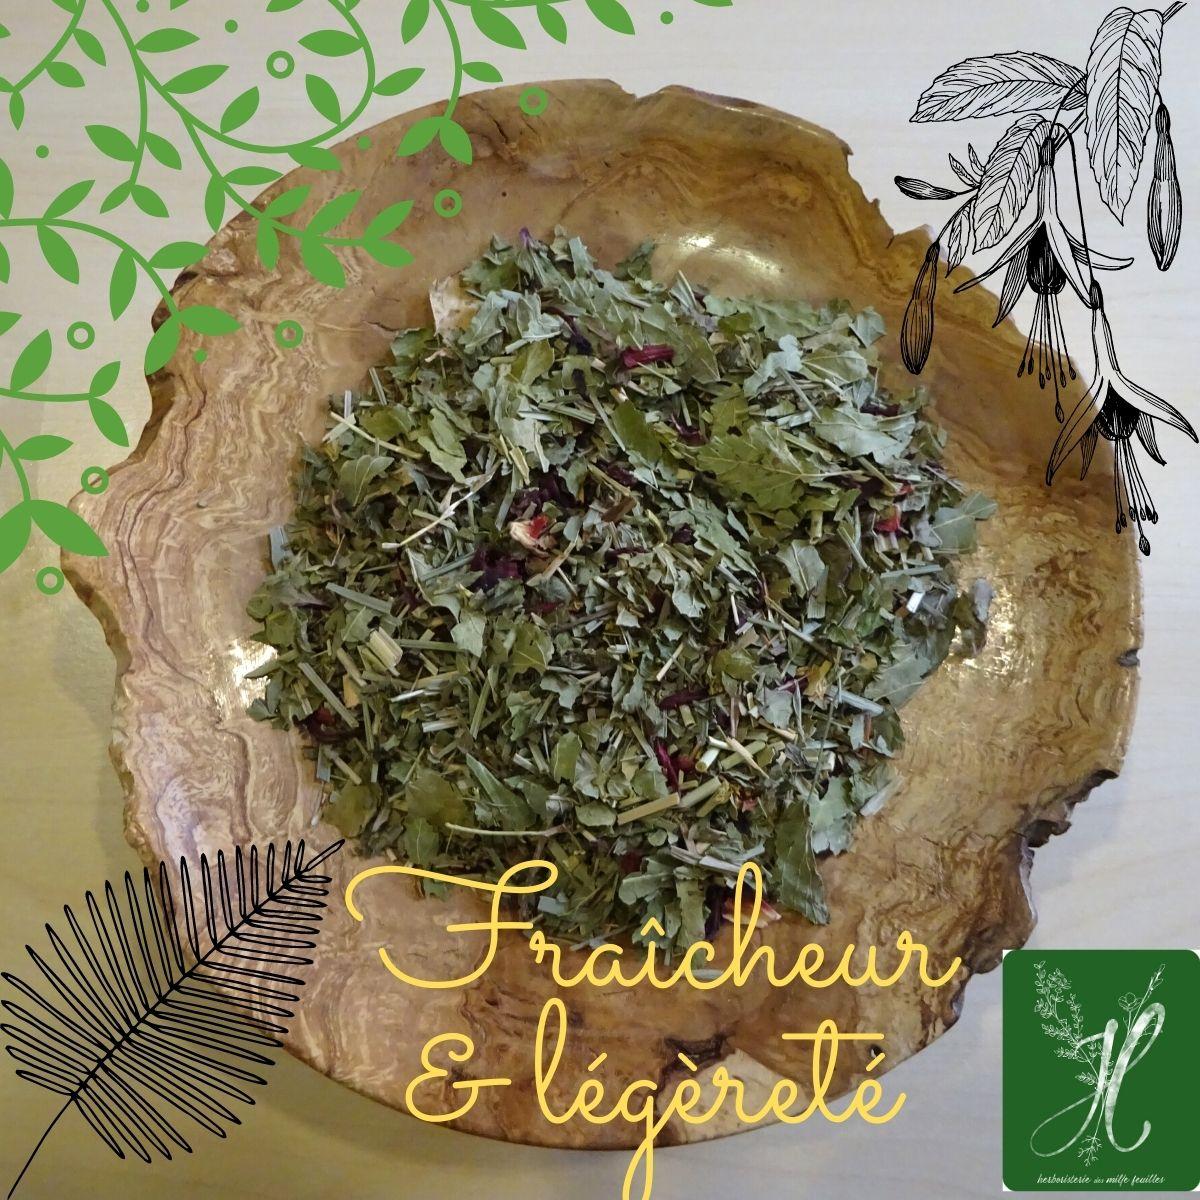 Tisane Fraîcheur et légèreté - bio. Herboristerie des mille feuilles